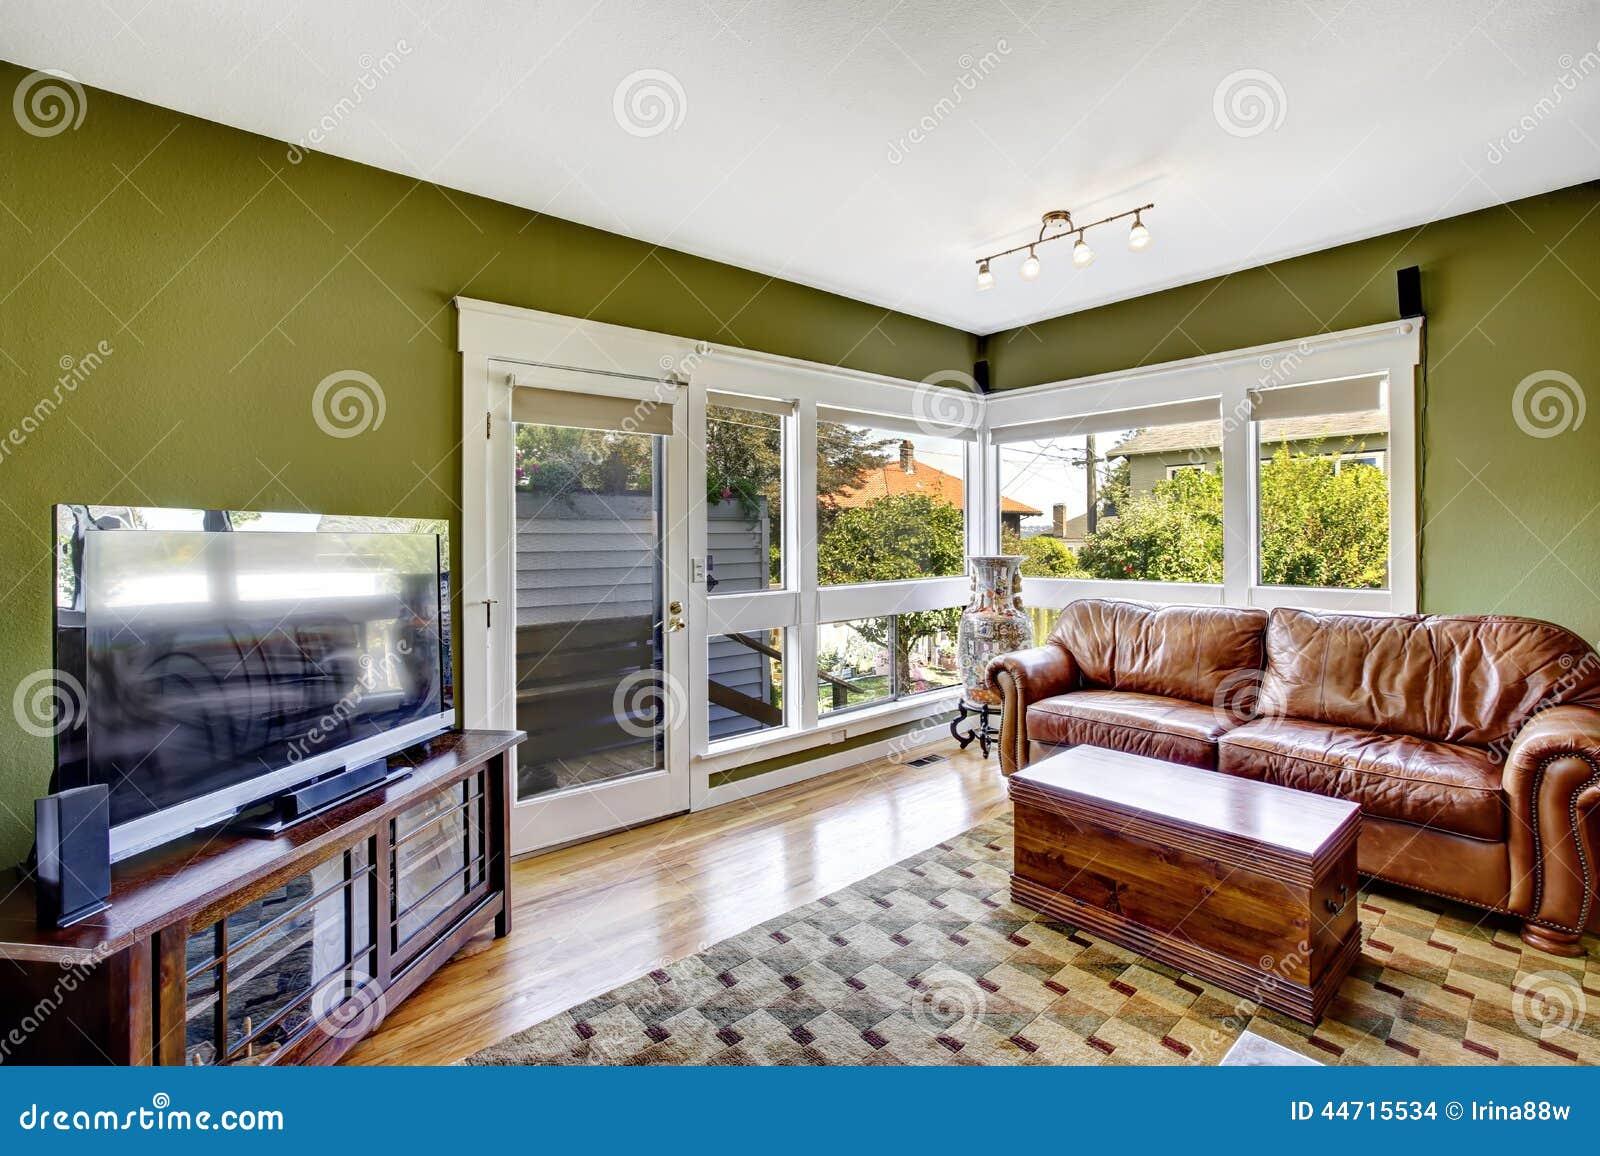 Int rieur de maison dans la couleur verte avec le divan en - Couleur pour interieur maison ...